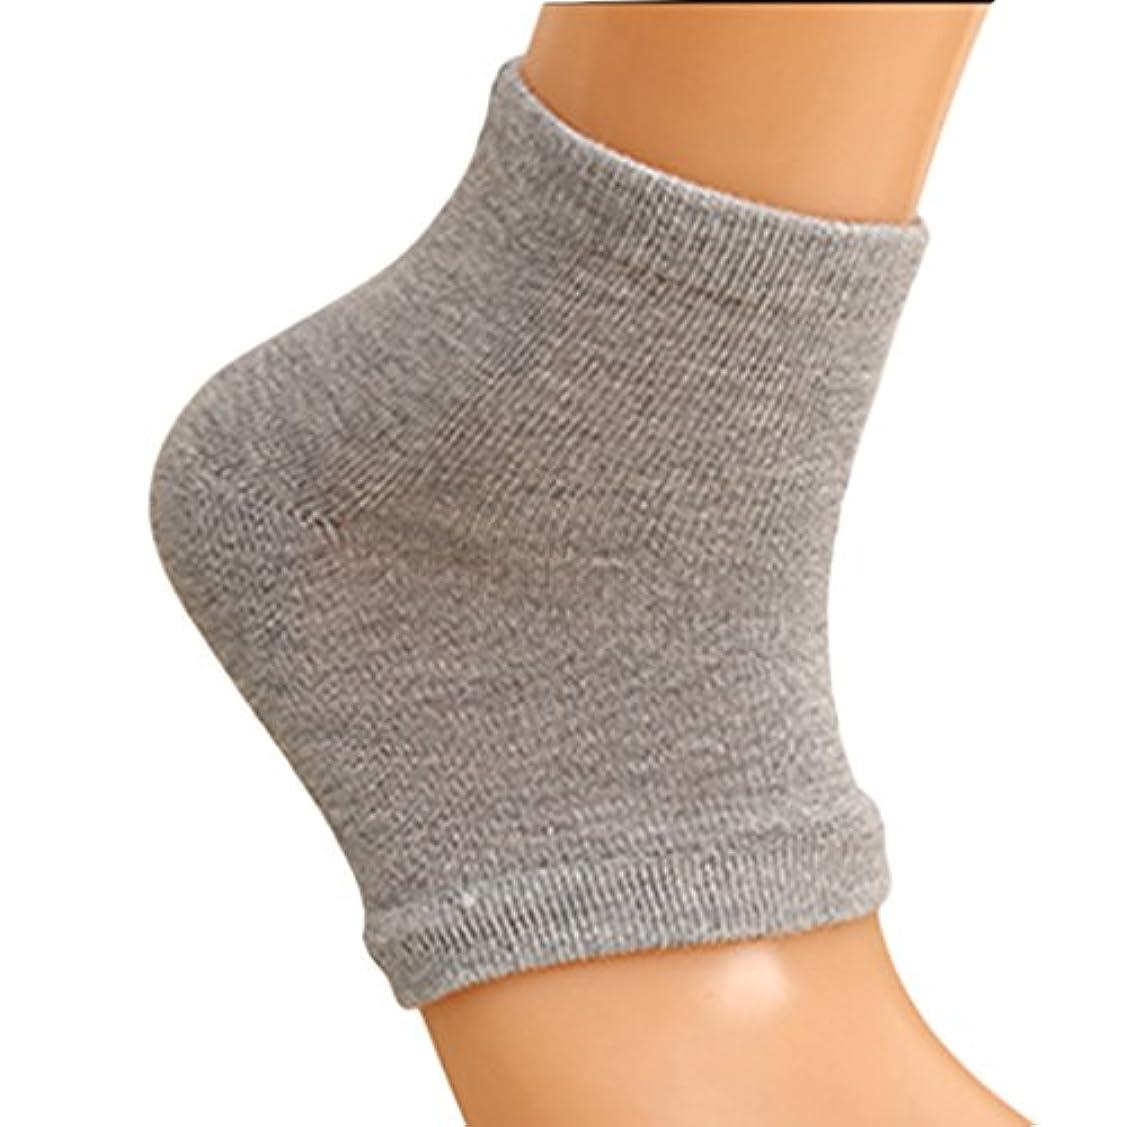 悪意のある仕方墓Seliyi 2色組 靴下 ソックス レディース メンズ 靴下 つるつる 靴下 フットケア かかとケア ひび 角質ケア 保湿 角質除去(ピンク+グレー)